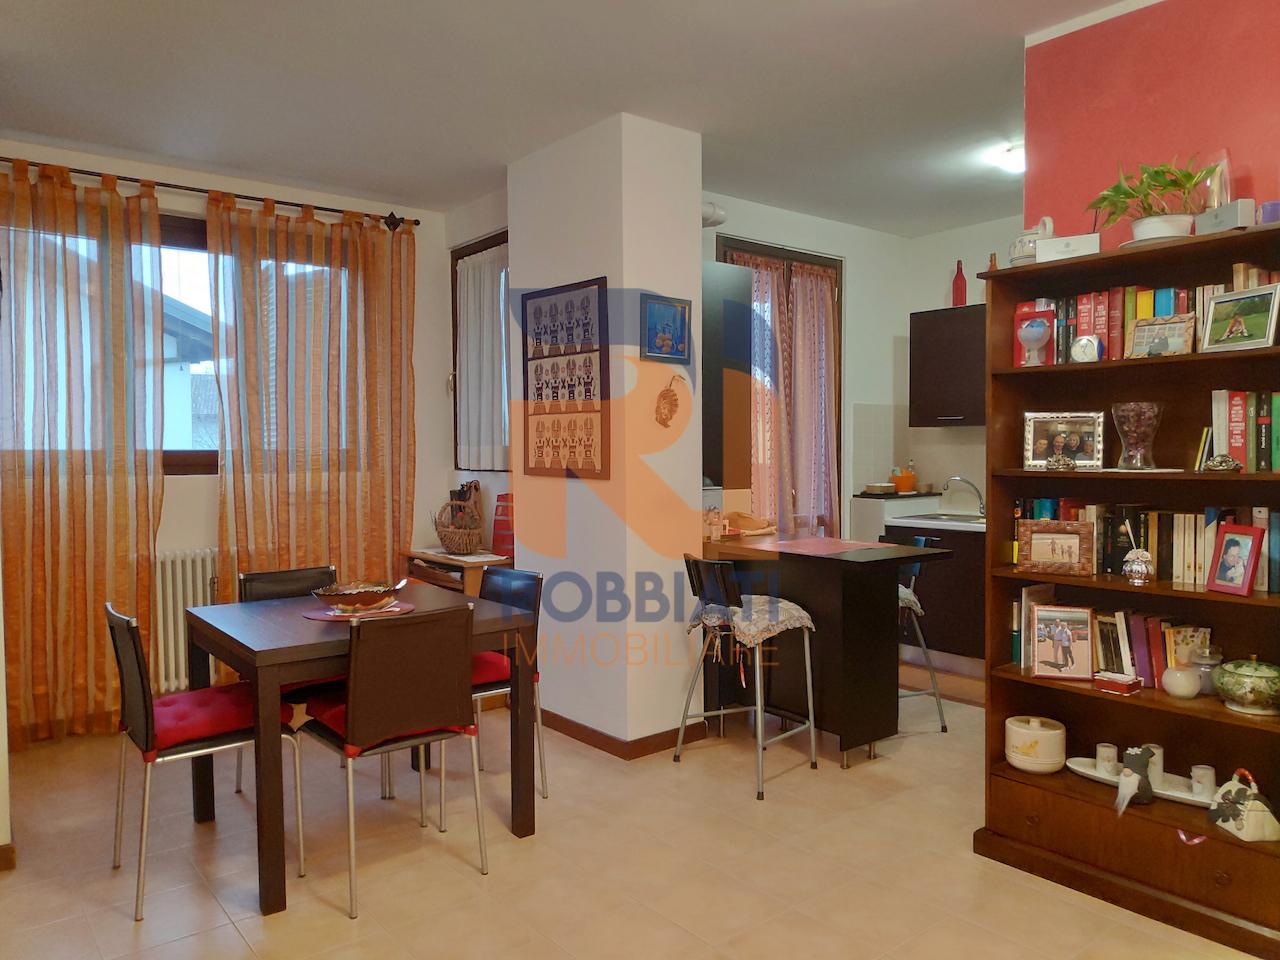 Appartamento in vendita a San Martino Siccomario, 2 locali, prezzo € 74.000 | PortaleAgenzieImmobiliari.it